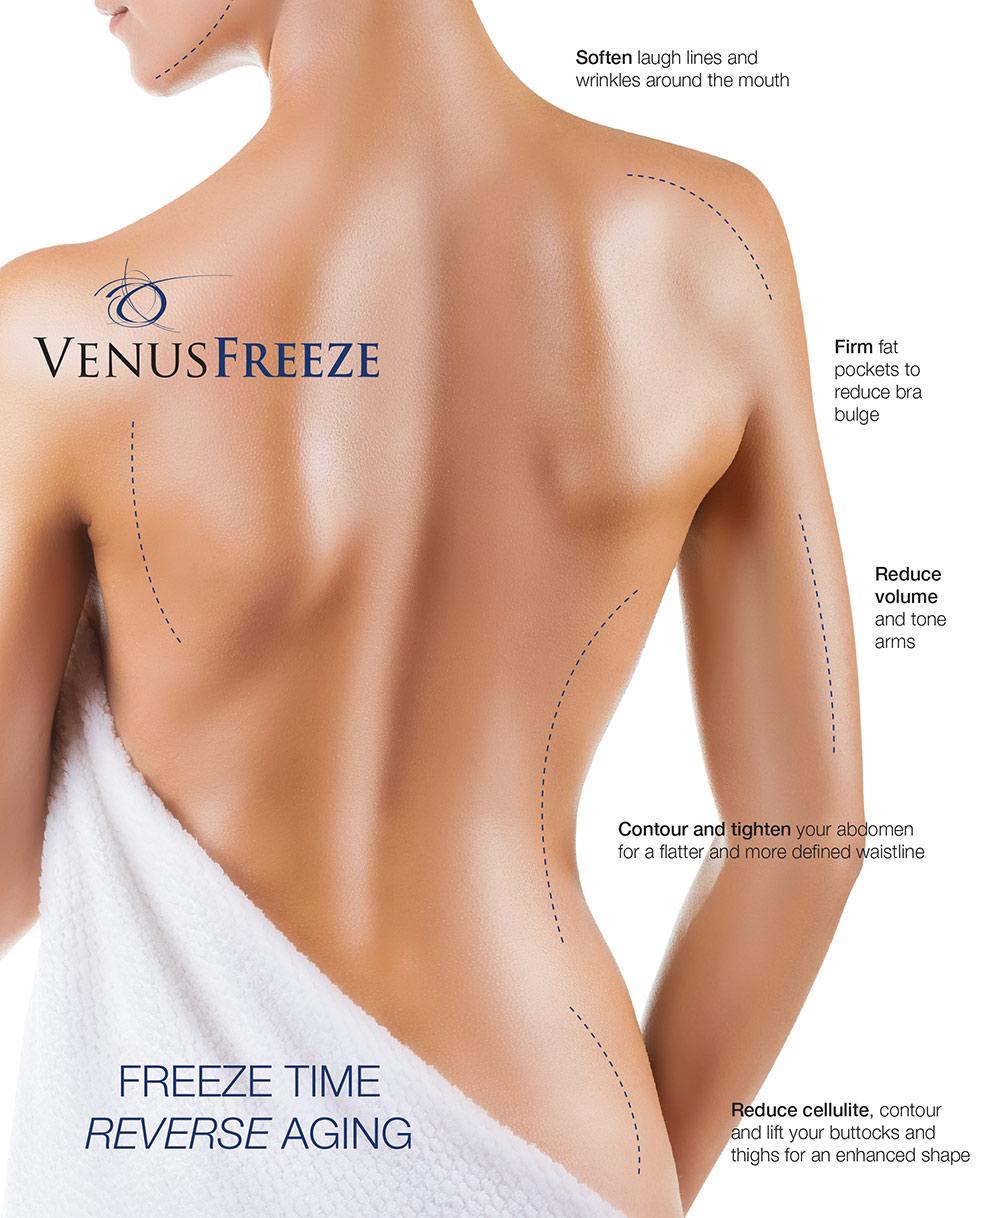 Venus-Freeze-Patient.jpg